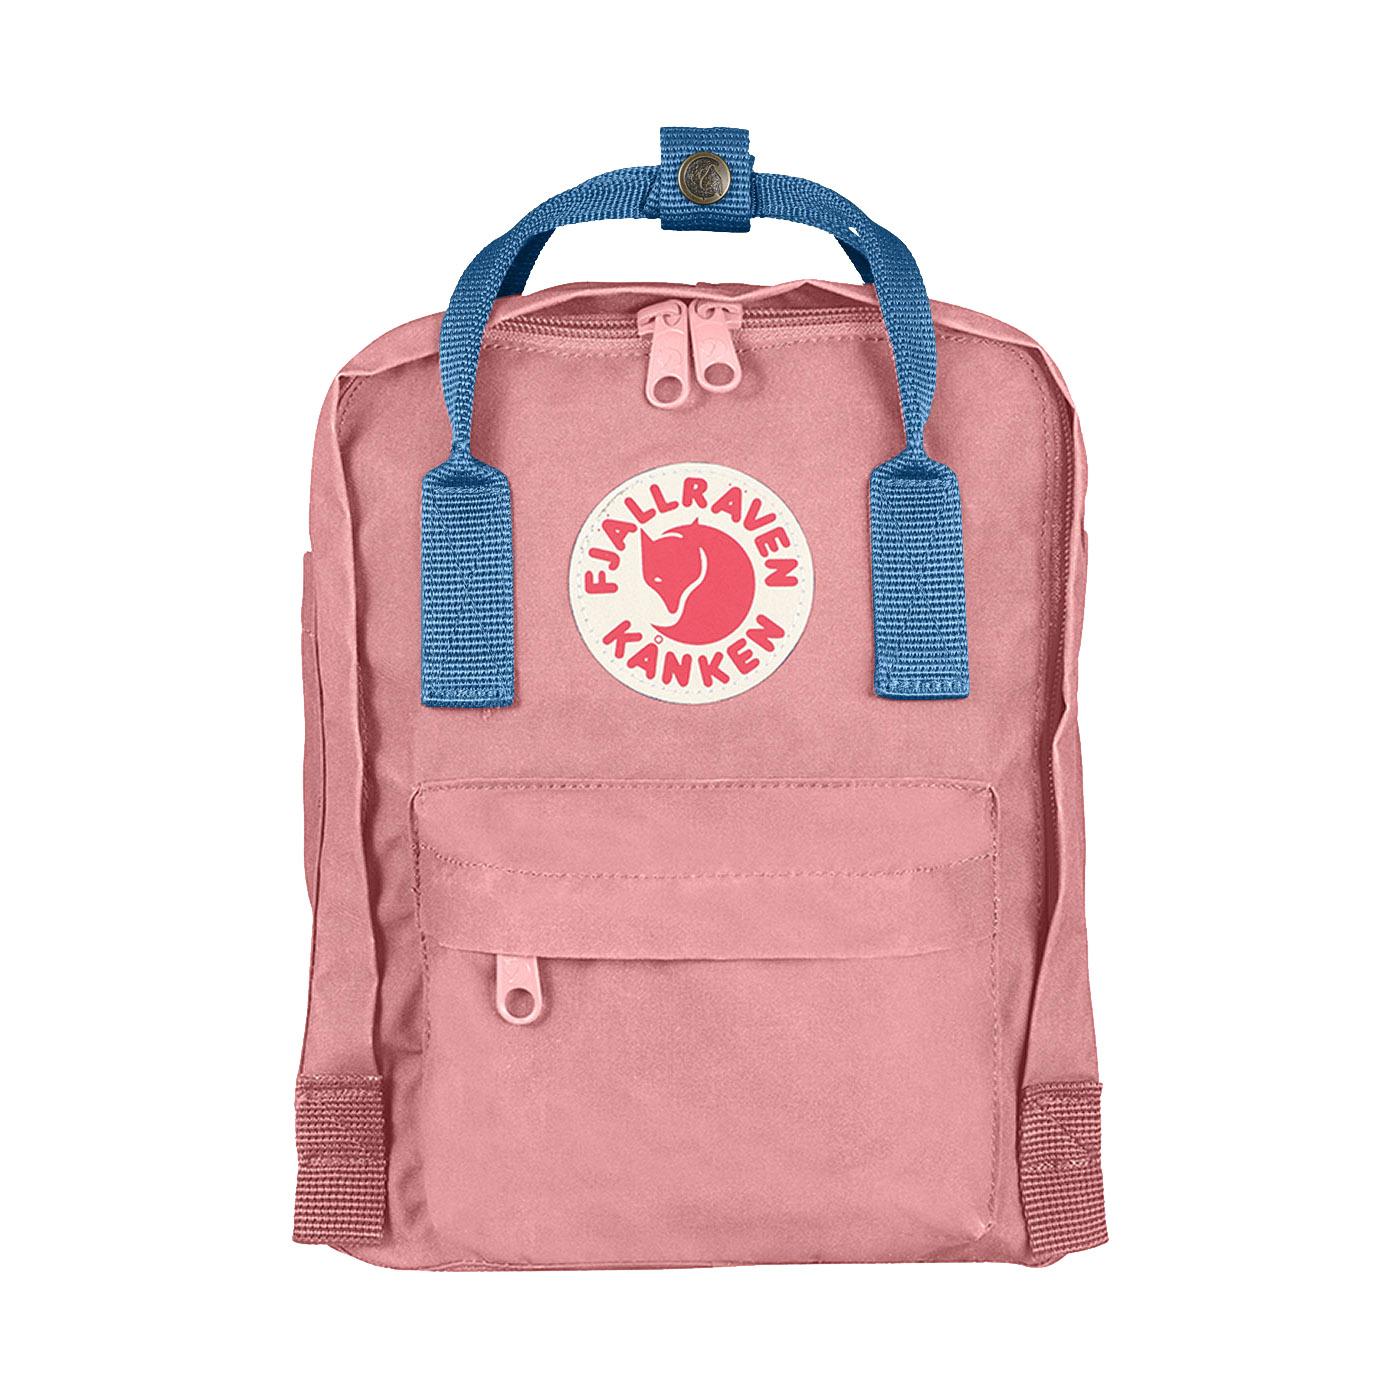 f27e347e4 Fjallraven Kanken Mini Pink & Air Blue - Retro Bags